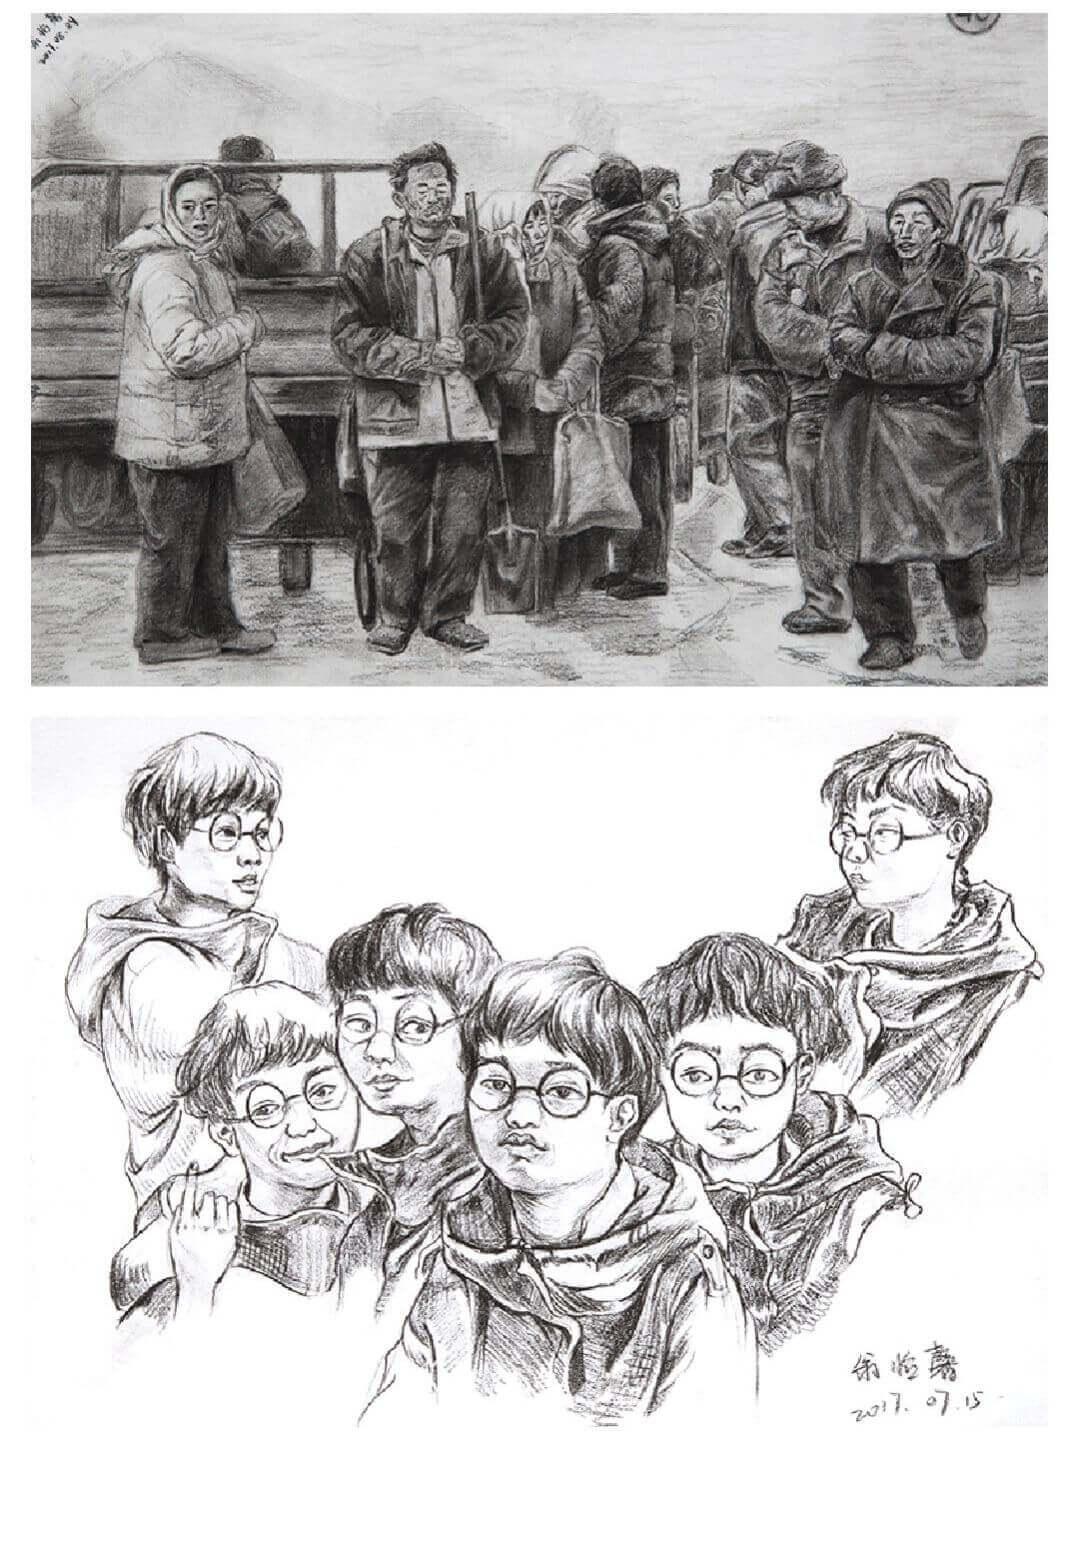 杭州画室,杭州画室暑假班,杭州画室招生,19